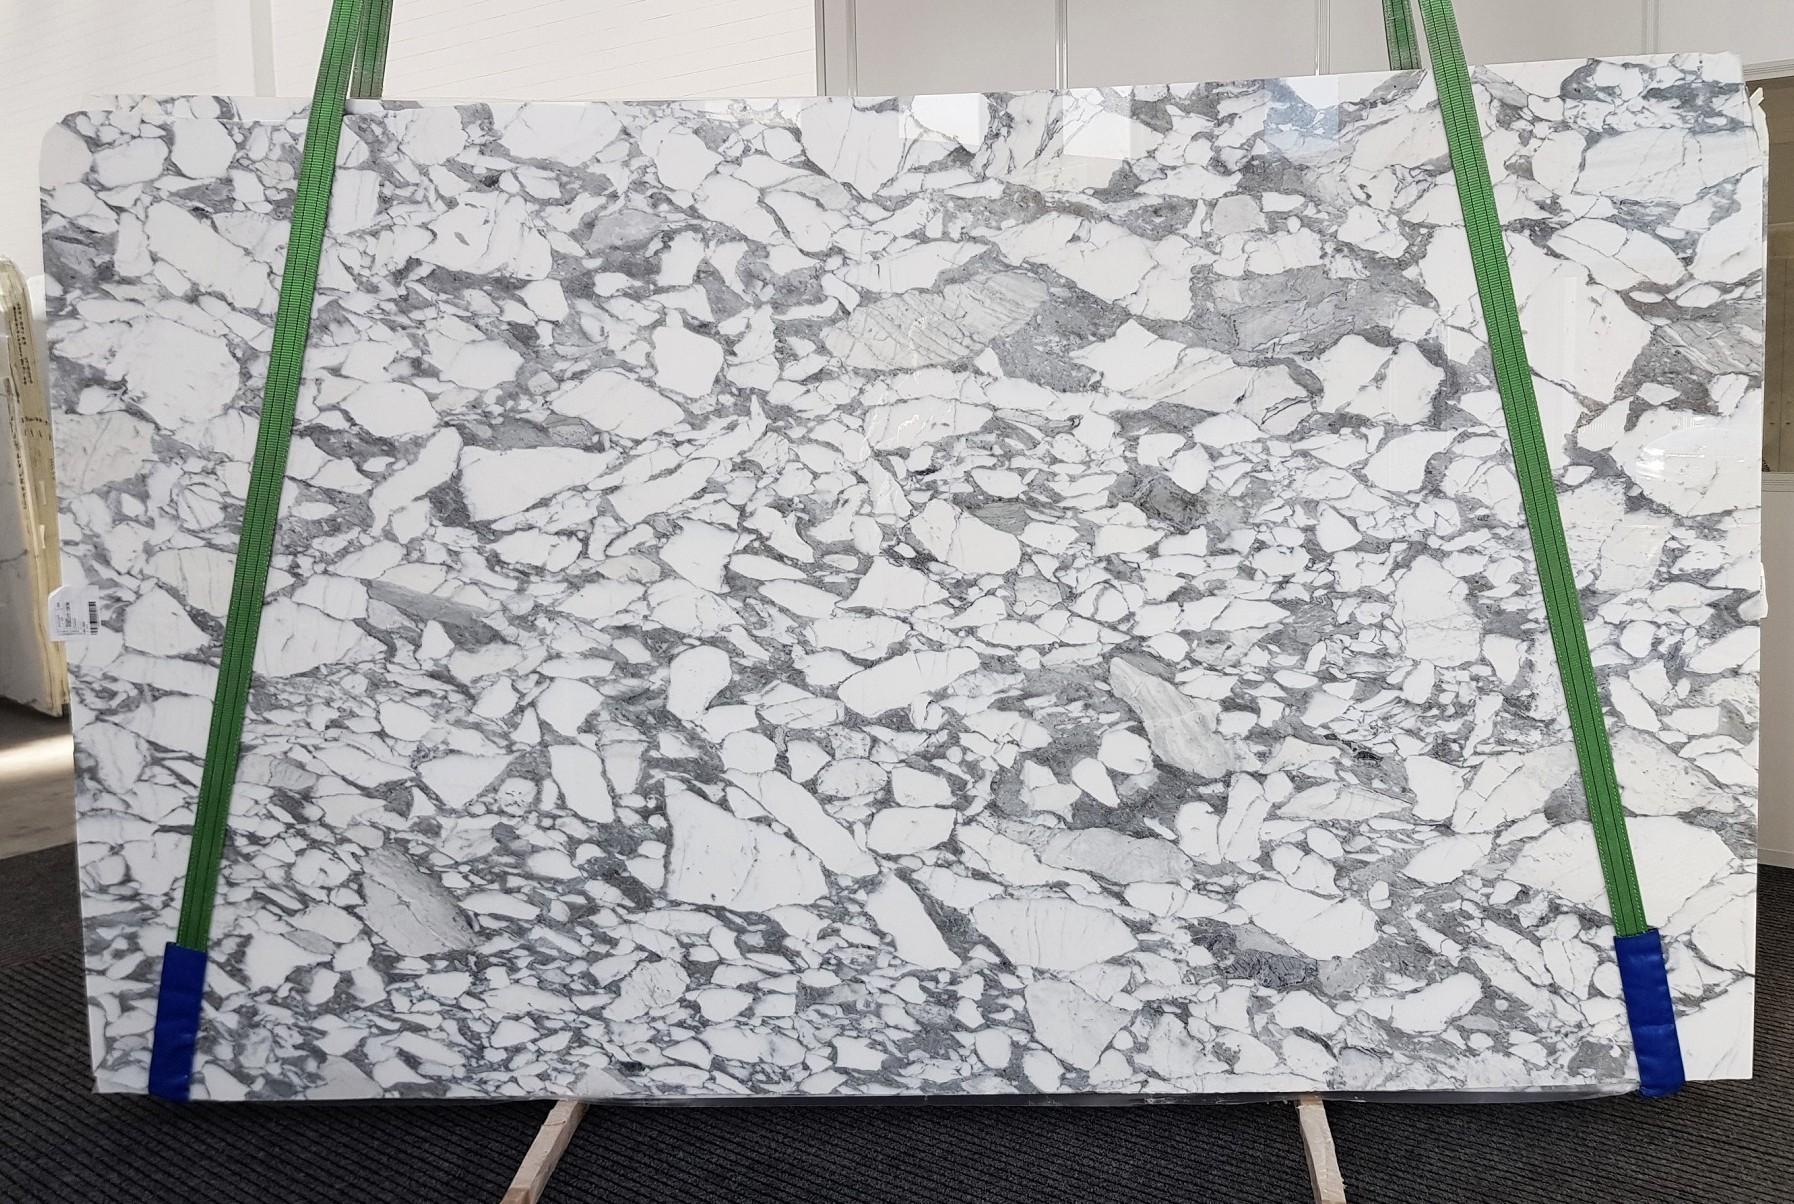 ARABESCATO CORCHIA Suministro Veneto (Italia) de planchas pulidas en mármol natural 1031 , Slab #19